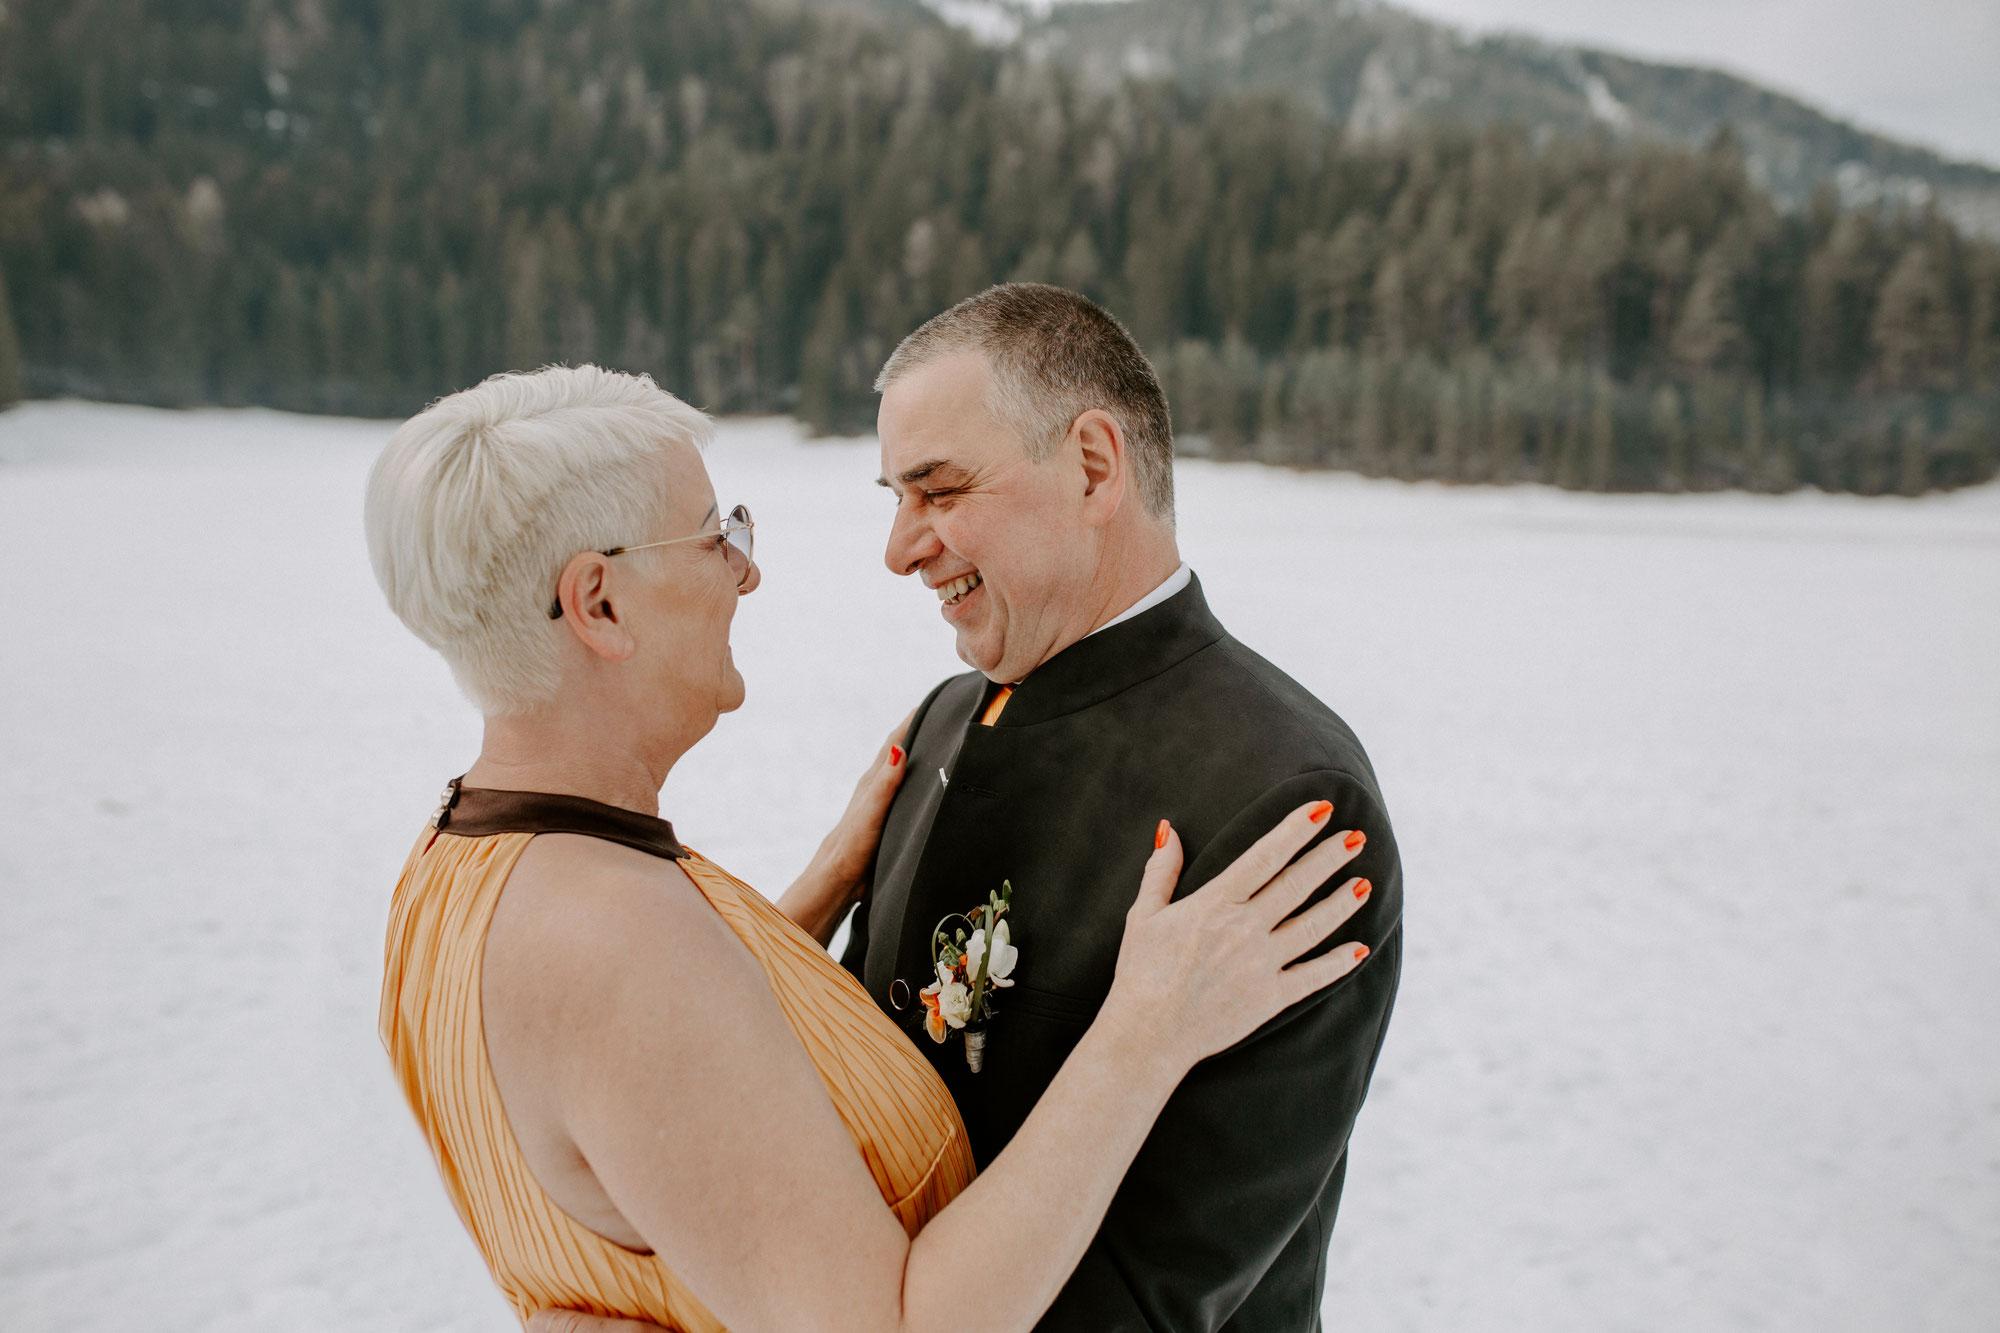 Karoline & Christian - Eine Winterhochzeit im kleinsten Kreis